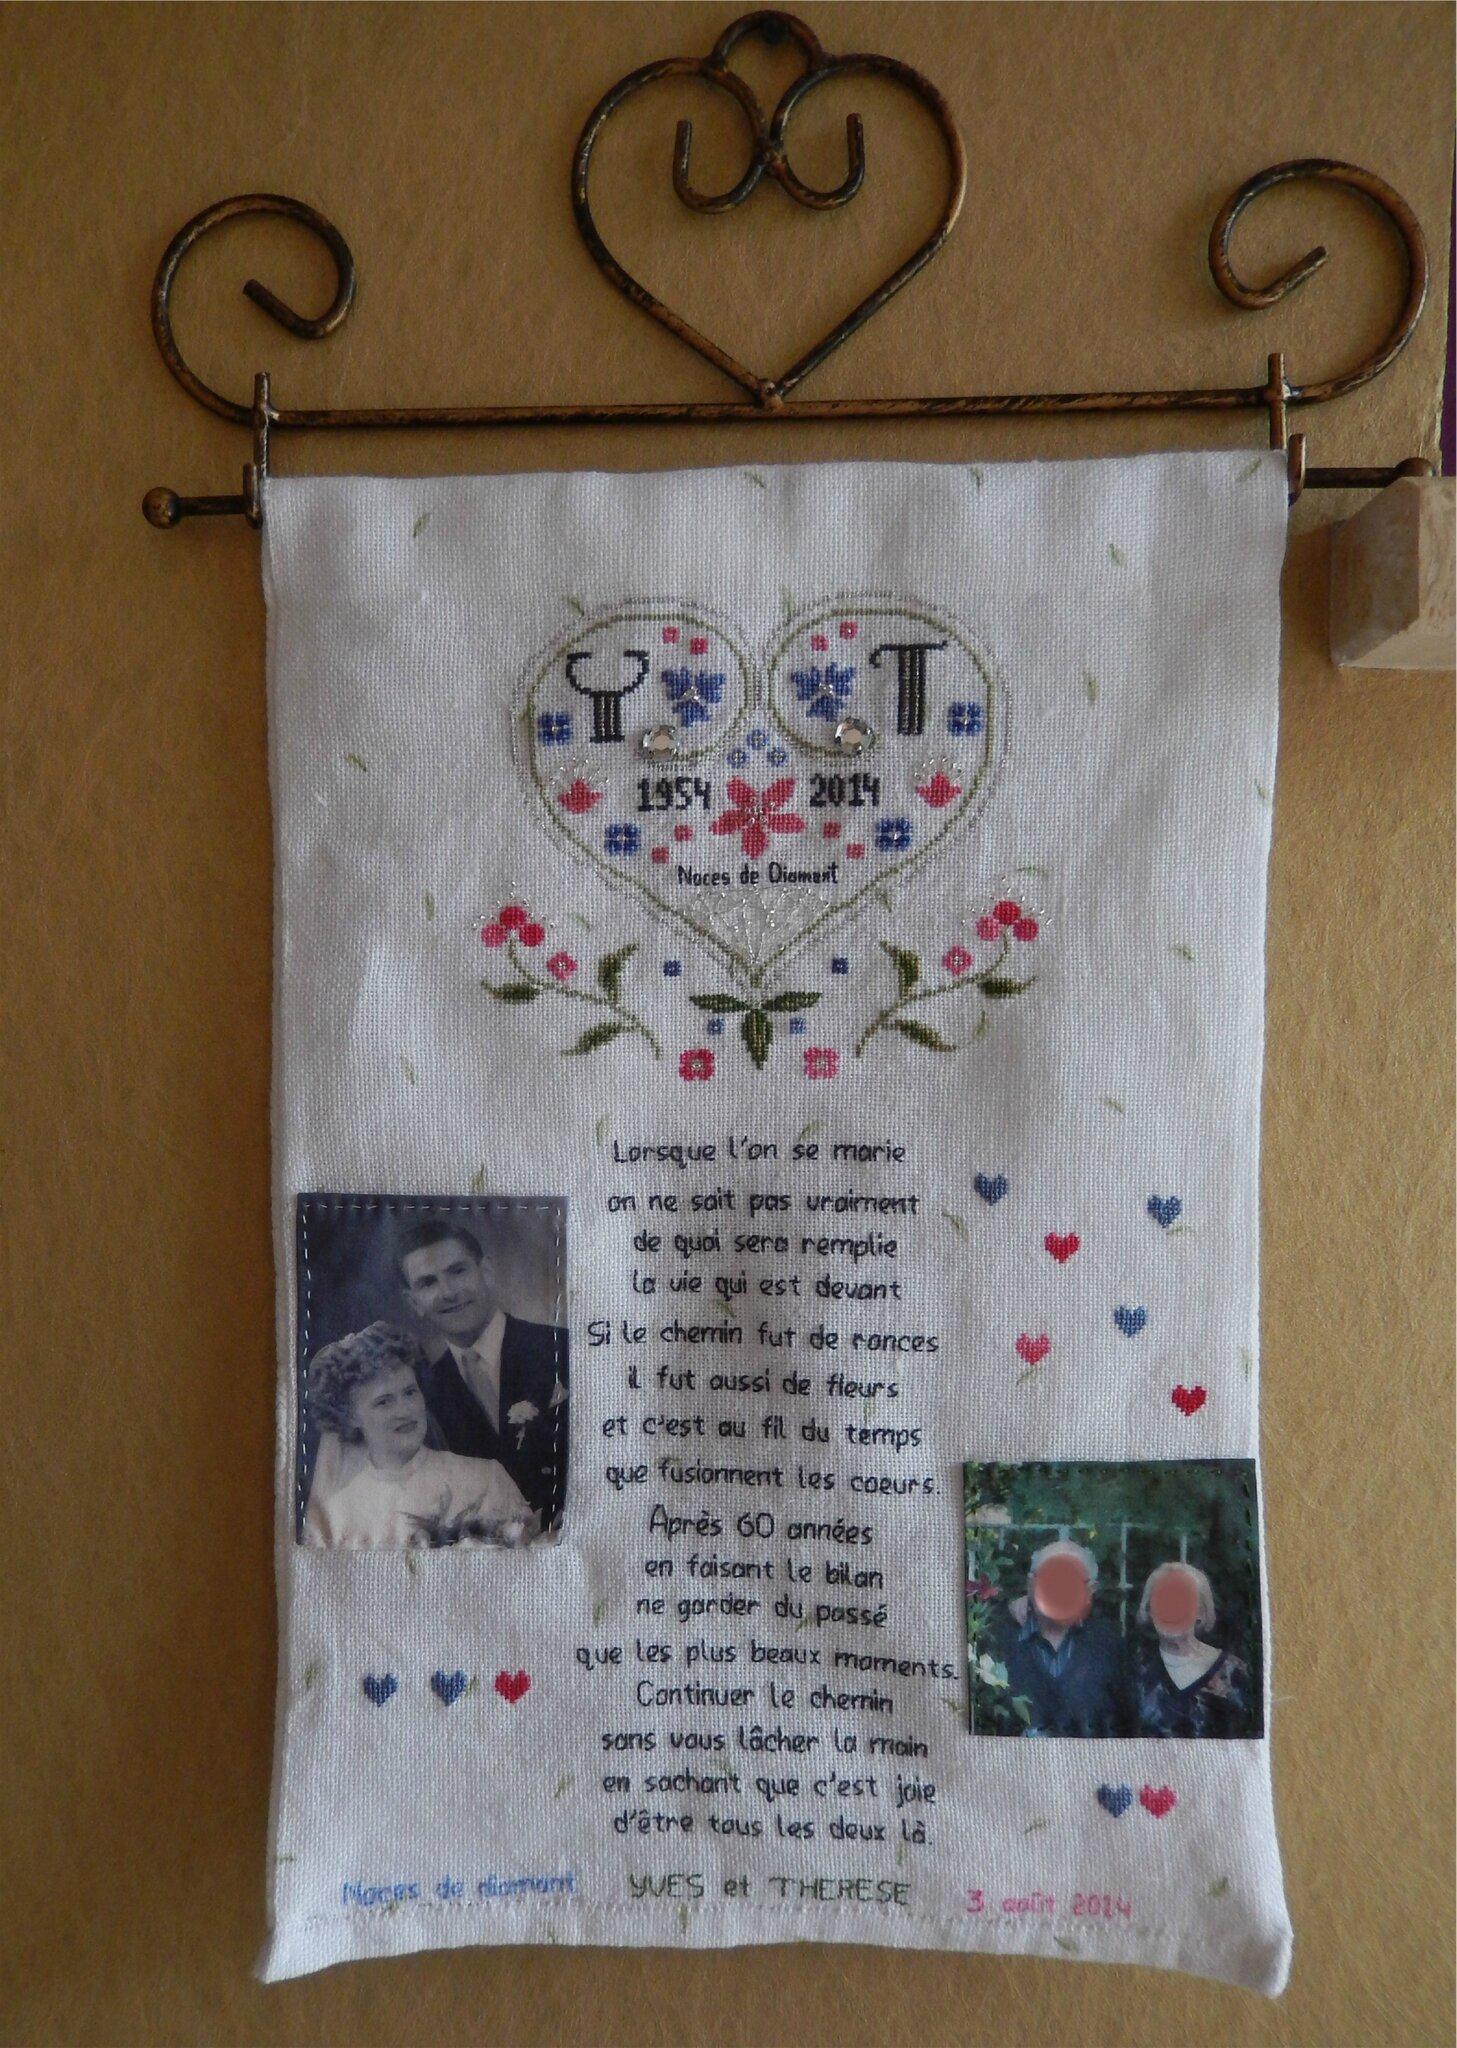 60 Ans De Mariage Noce De : mariage, Noces, Diamant, Brode...